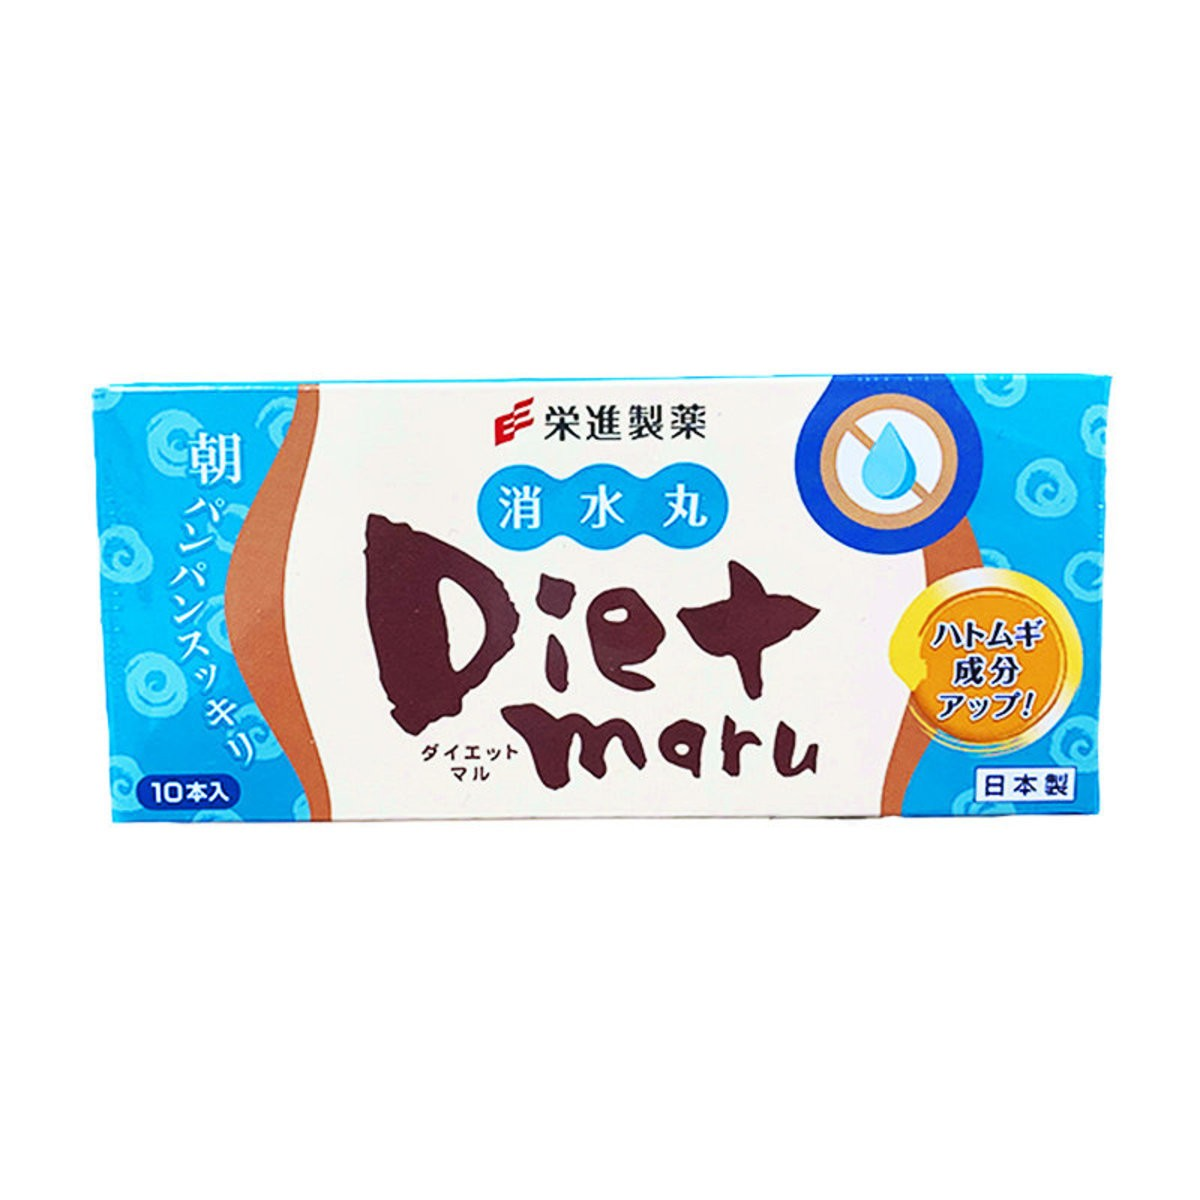 日本荣进制药 DIET MARU 消水丸 排毒养颜去水肿 10包入 100g 怎么样 - 亚米网